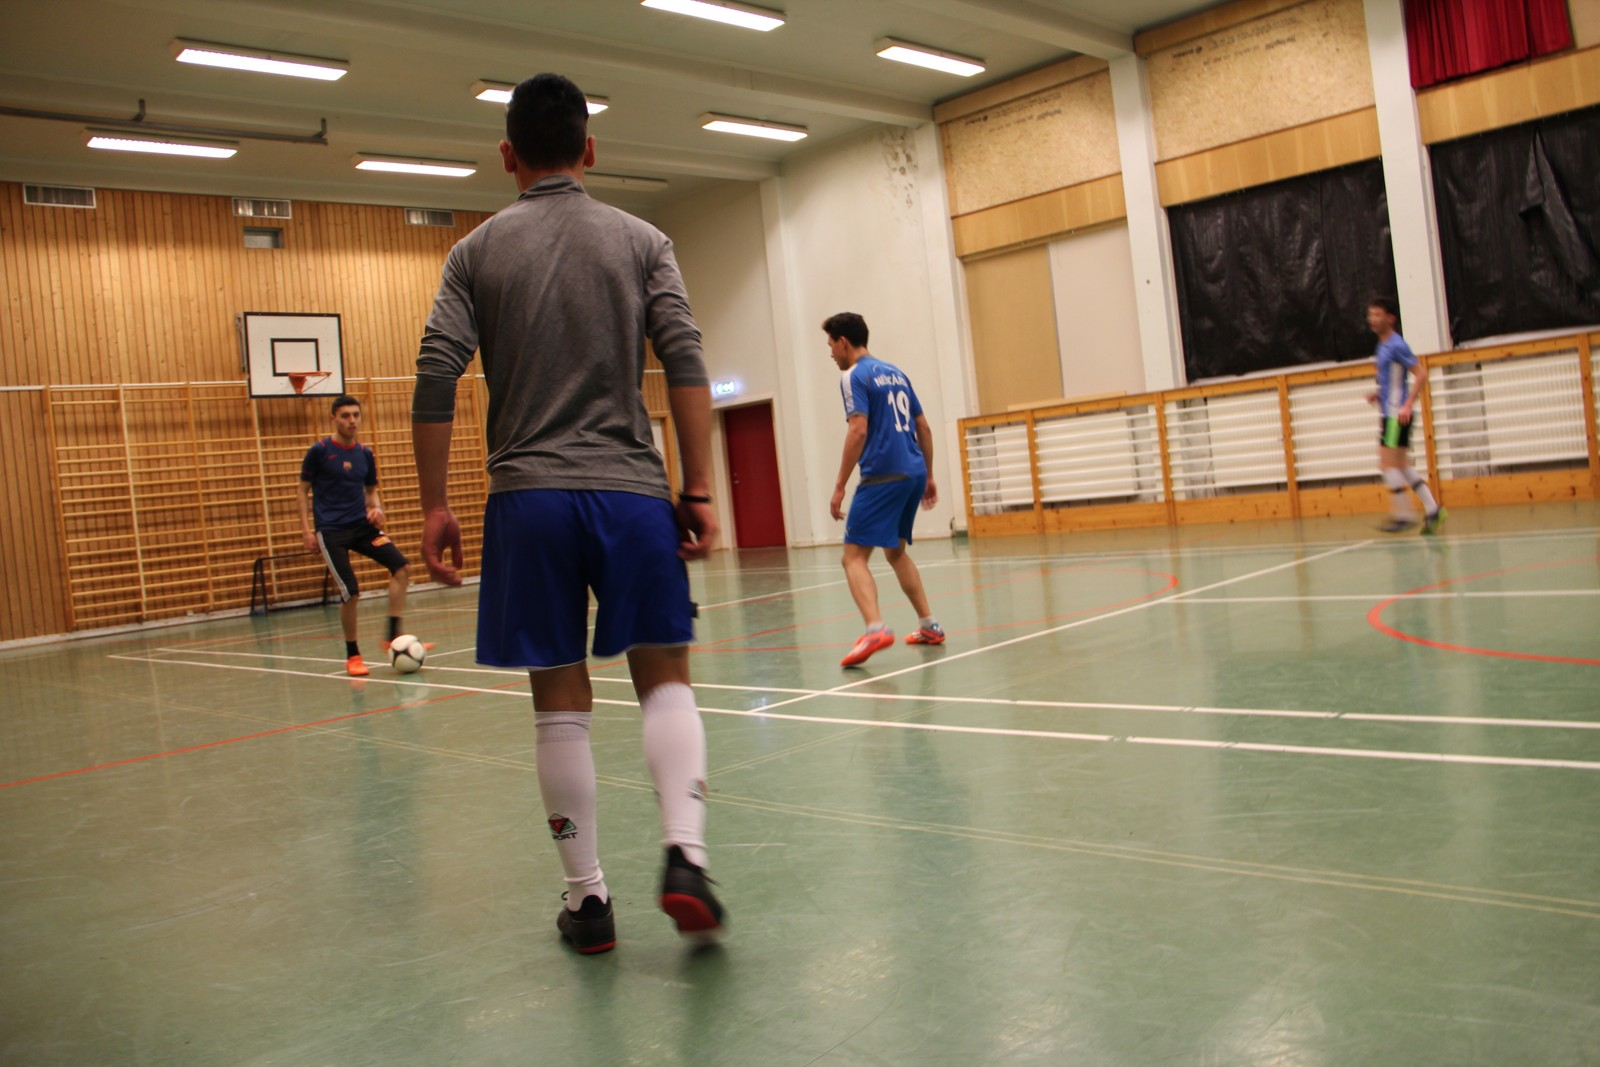 TERAPI: Mange av ungdommene NRK ble kjent med på Gibostad forteller at aktivitet, som blant annet fotball, er terapi for å få bort vonde tanker.